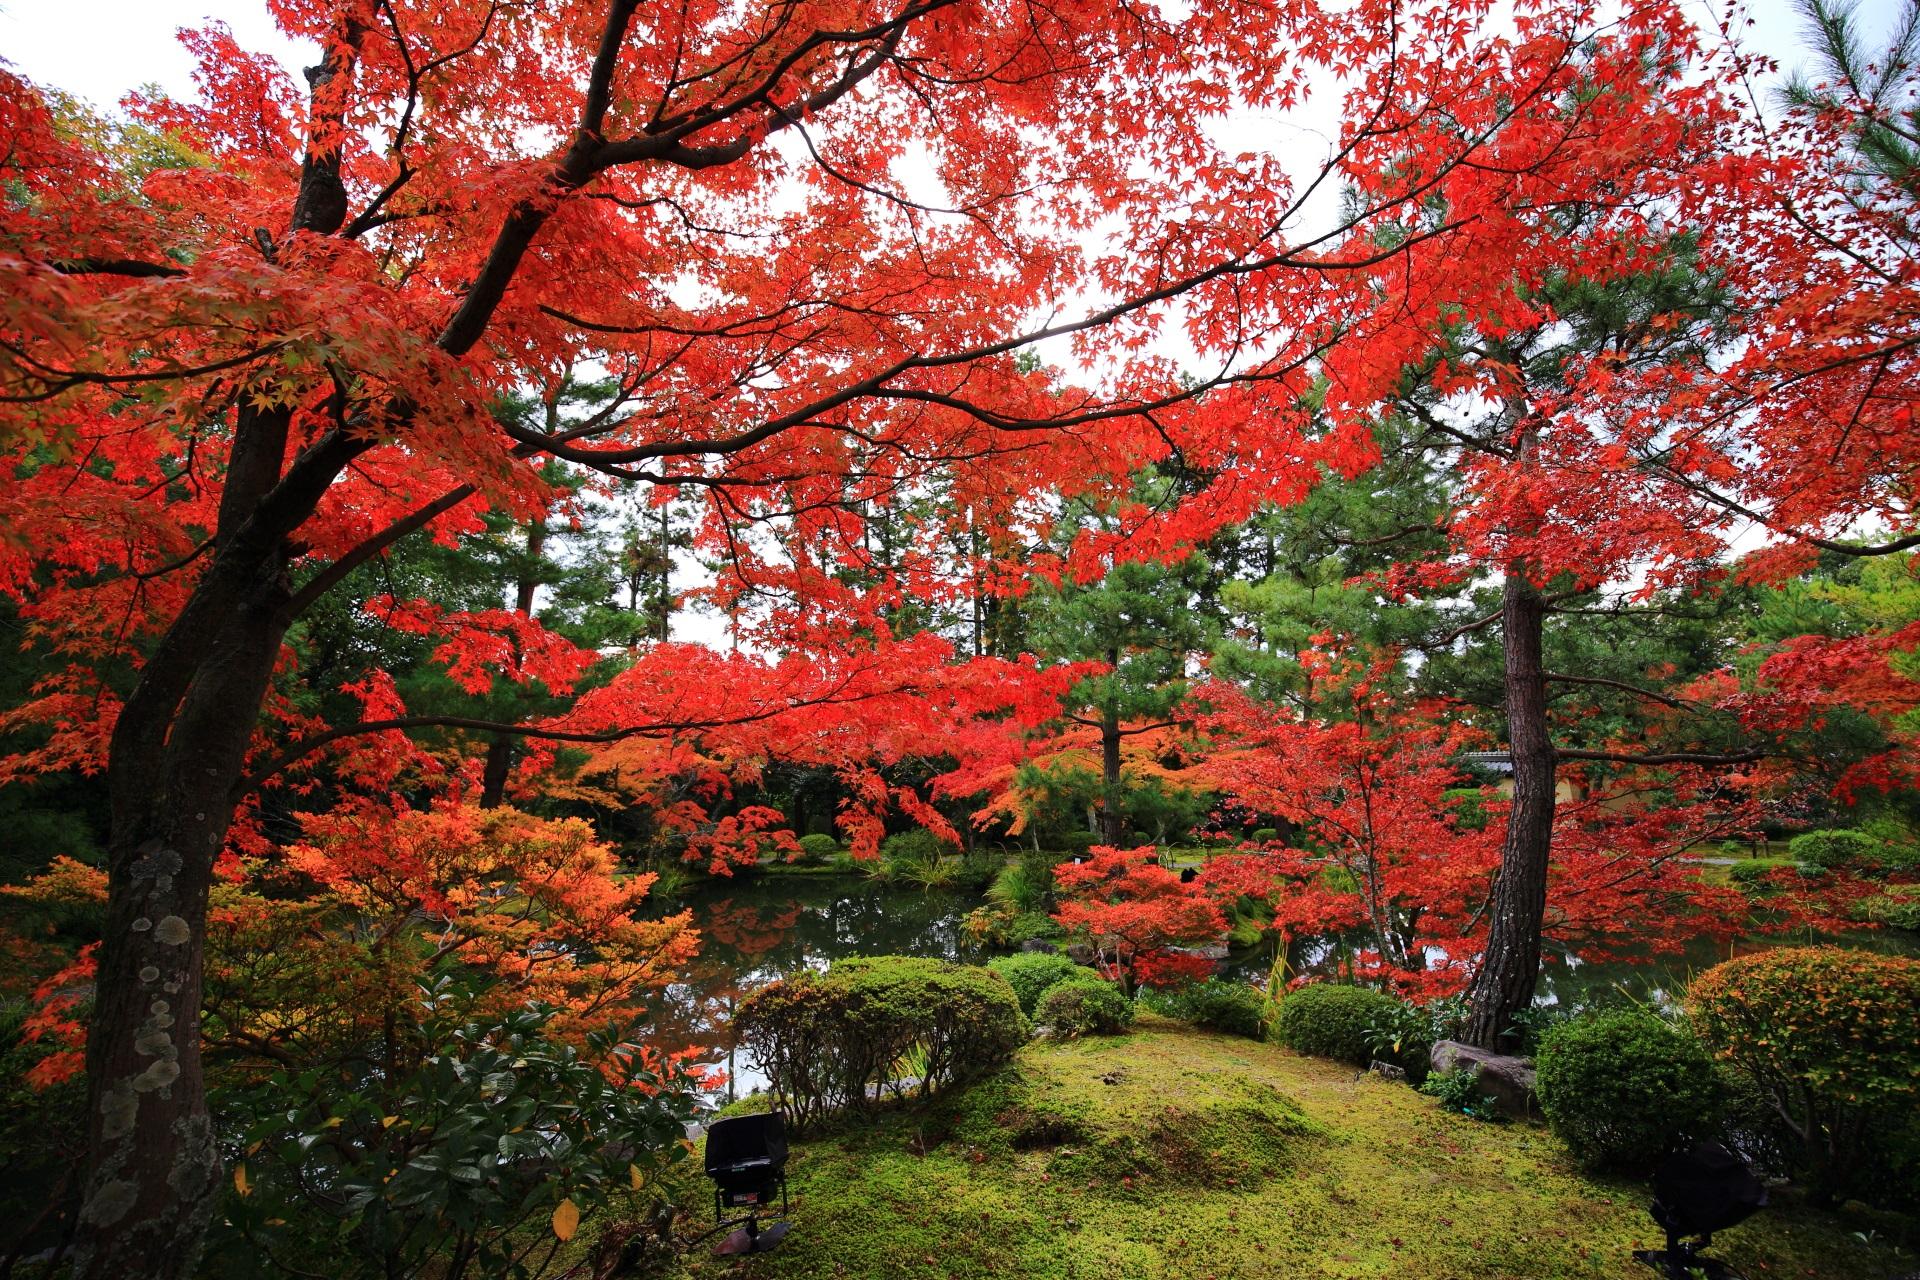 等持院の蓬莱島から眺めた極上の秋色の空間